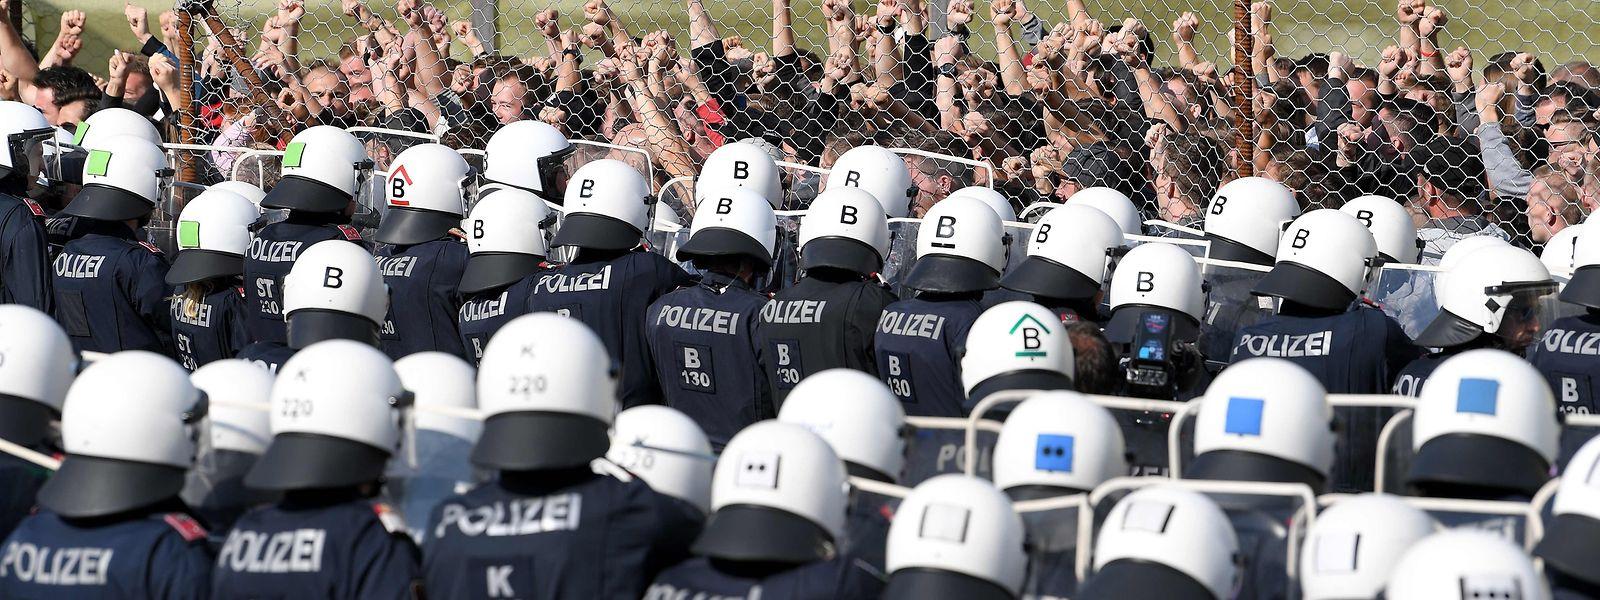 Polizisten bei der Grenzschutzübung. Als Flüchtlinge (hinterm Zaun) posieren Polizeischüler.